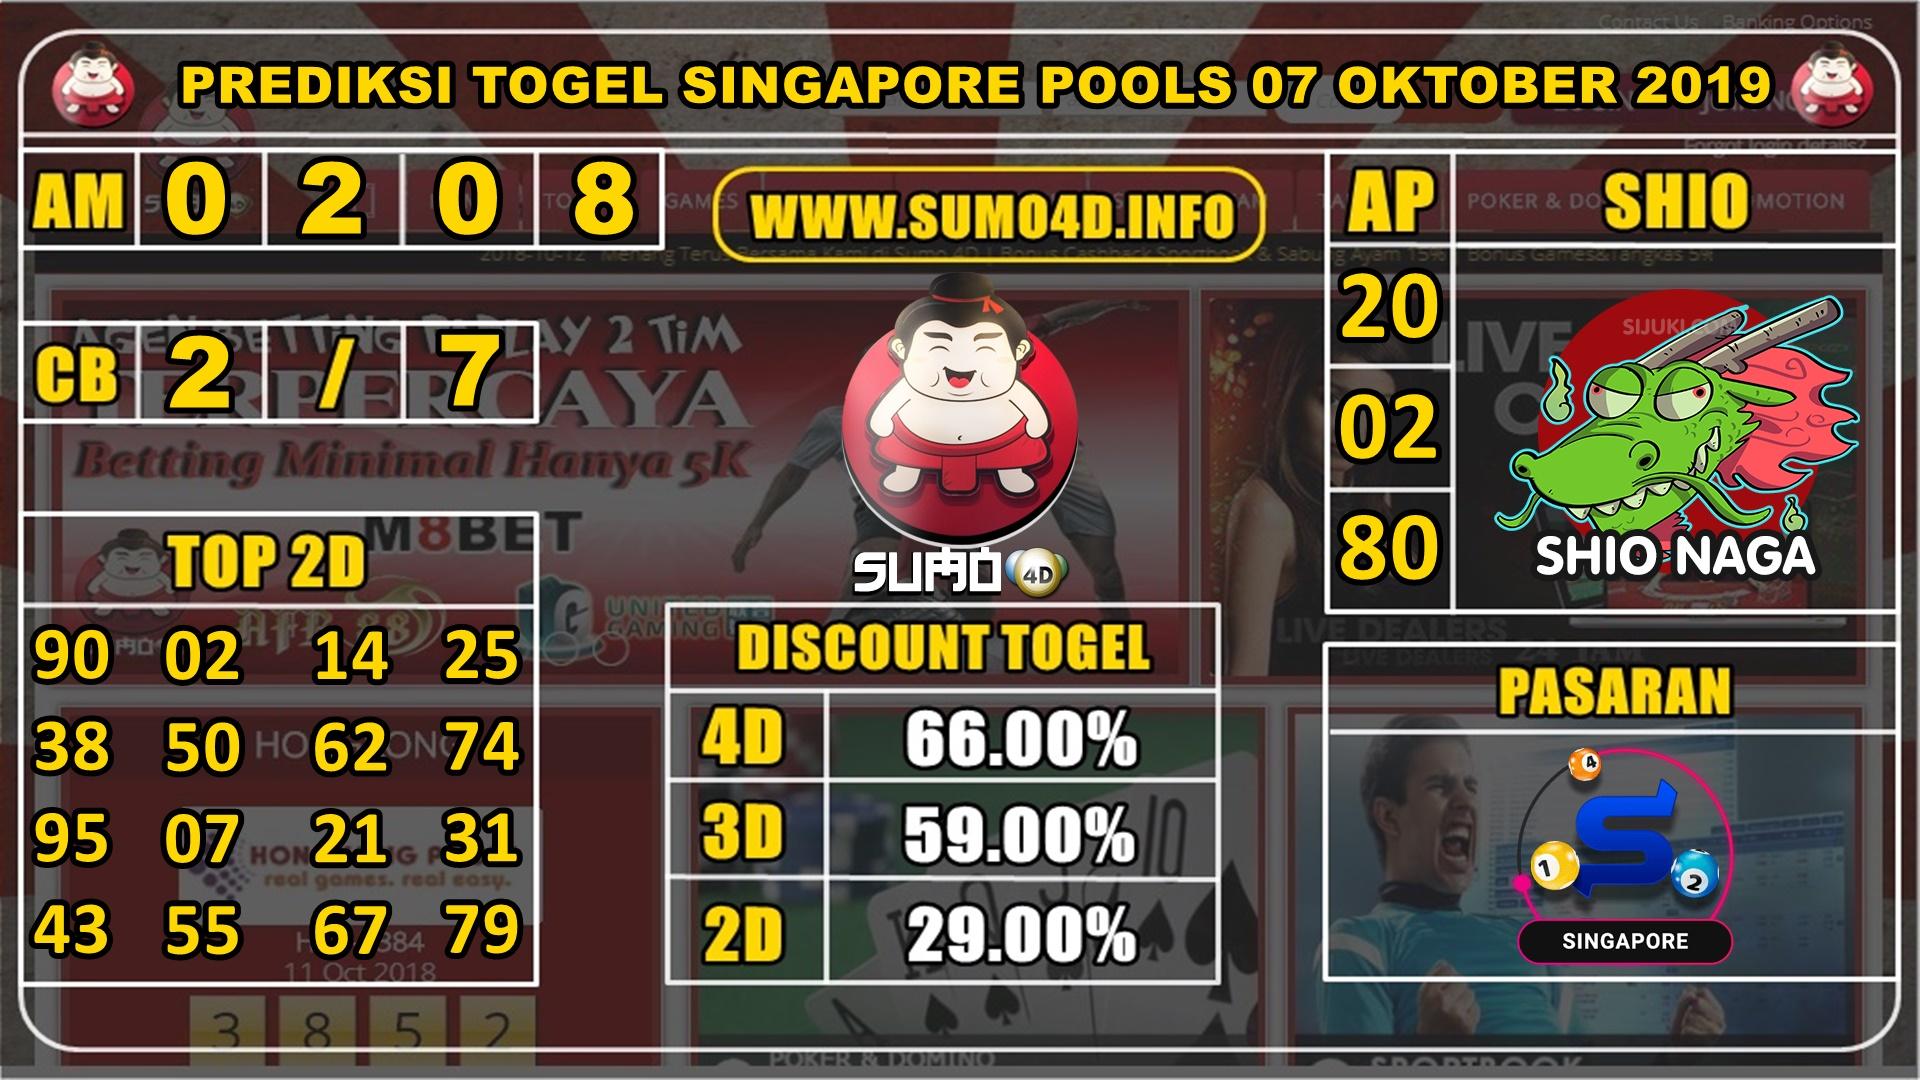 PREDIKSI TOGEL SINGAPORE POOLS 07 OKTOBER 2019